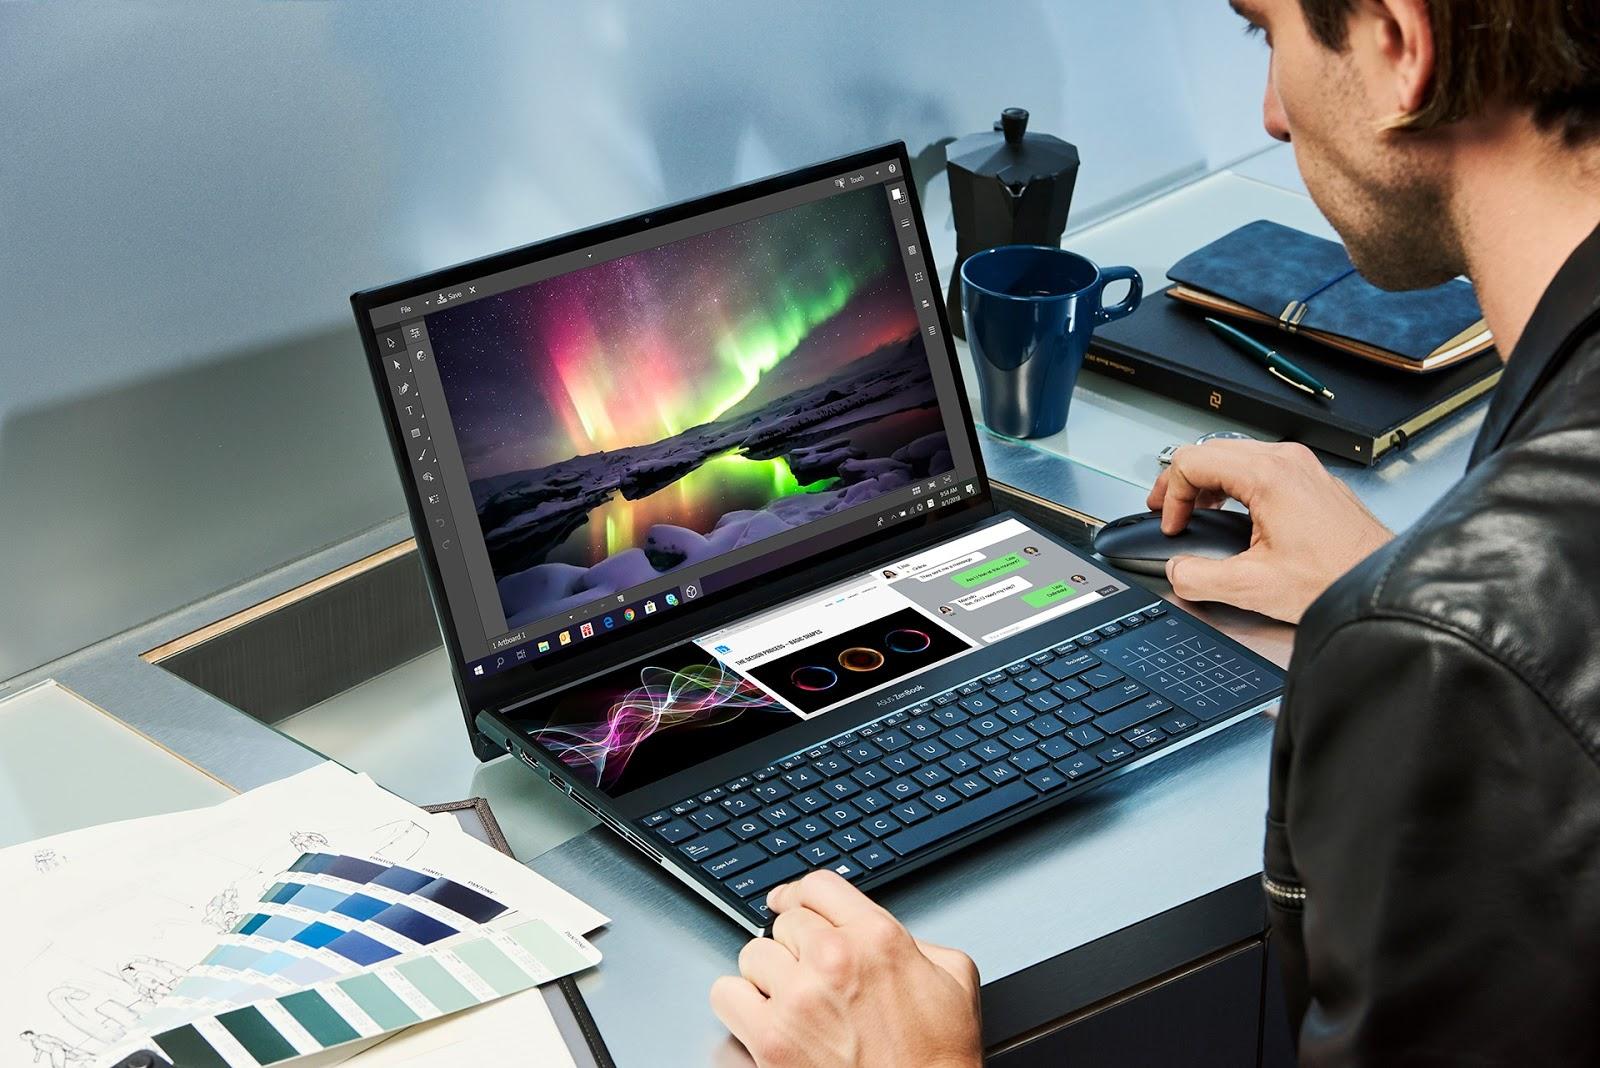 Nuovo-computer-con-windows-10-cosa-fare-per-iniziare